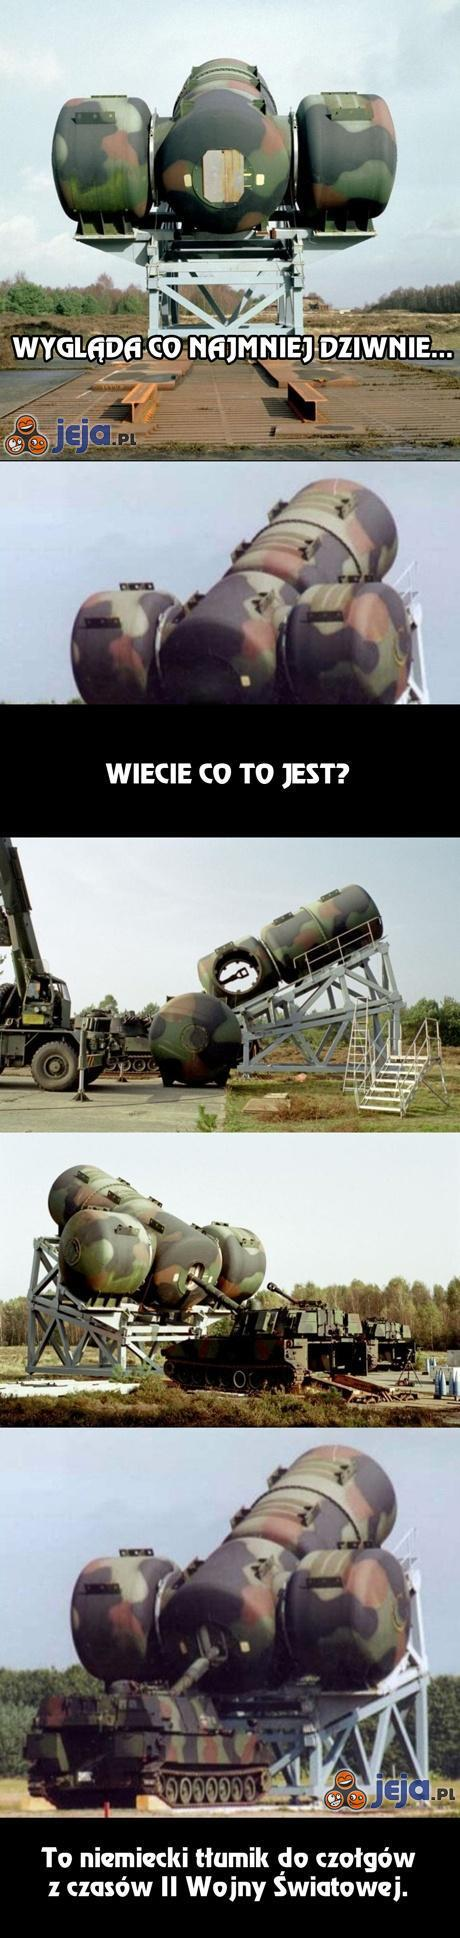 Niemiecki wynalazek przyprawia o kompleksy